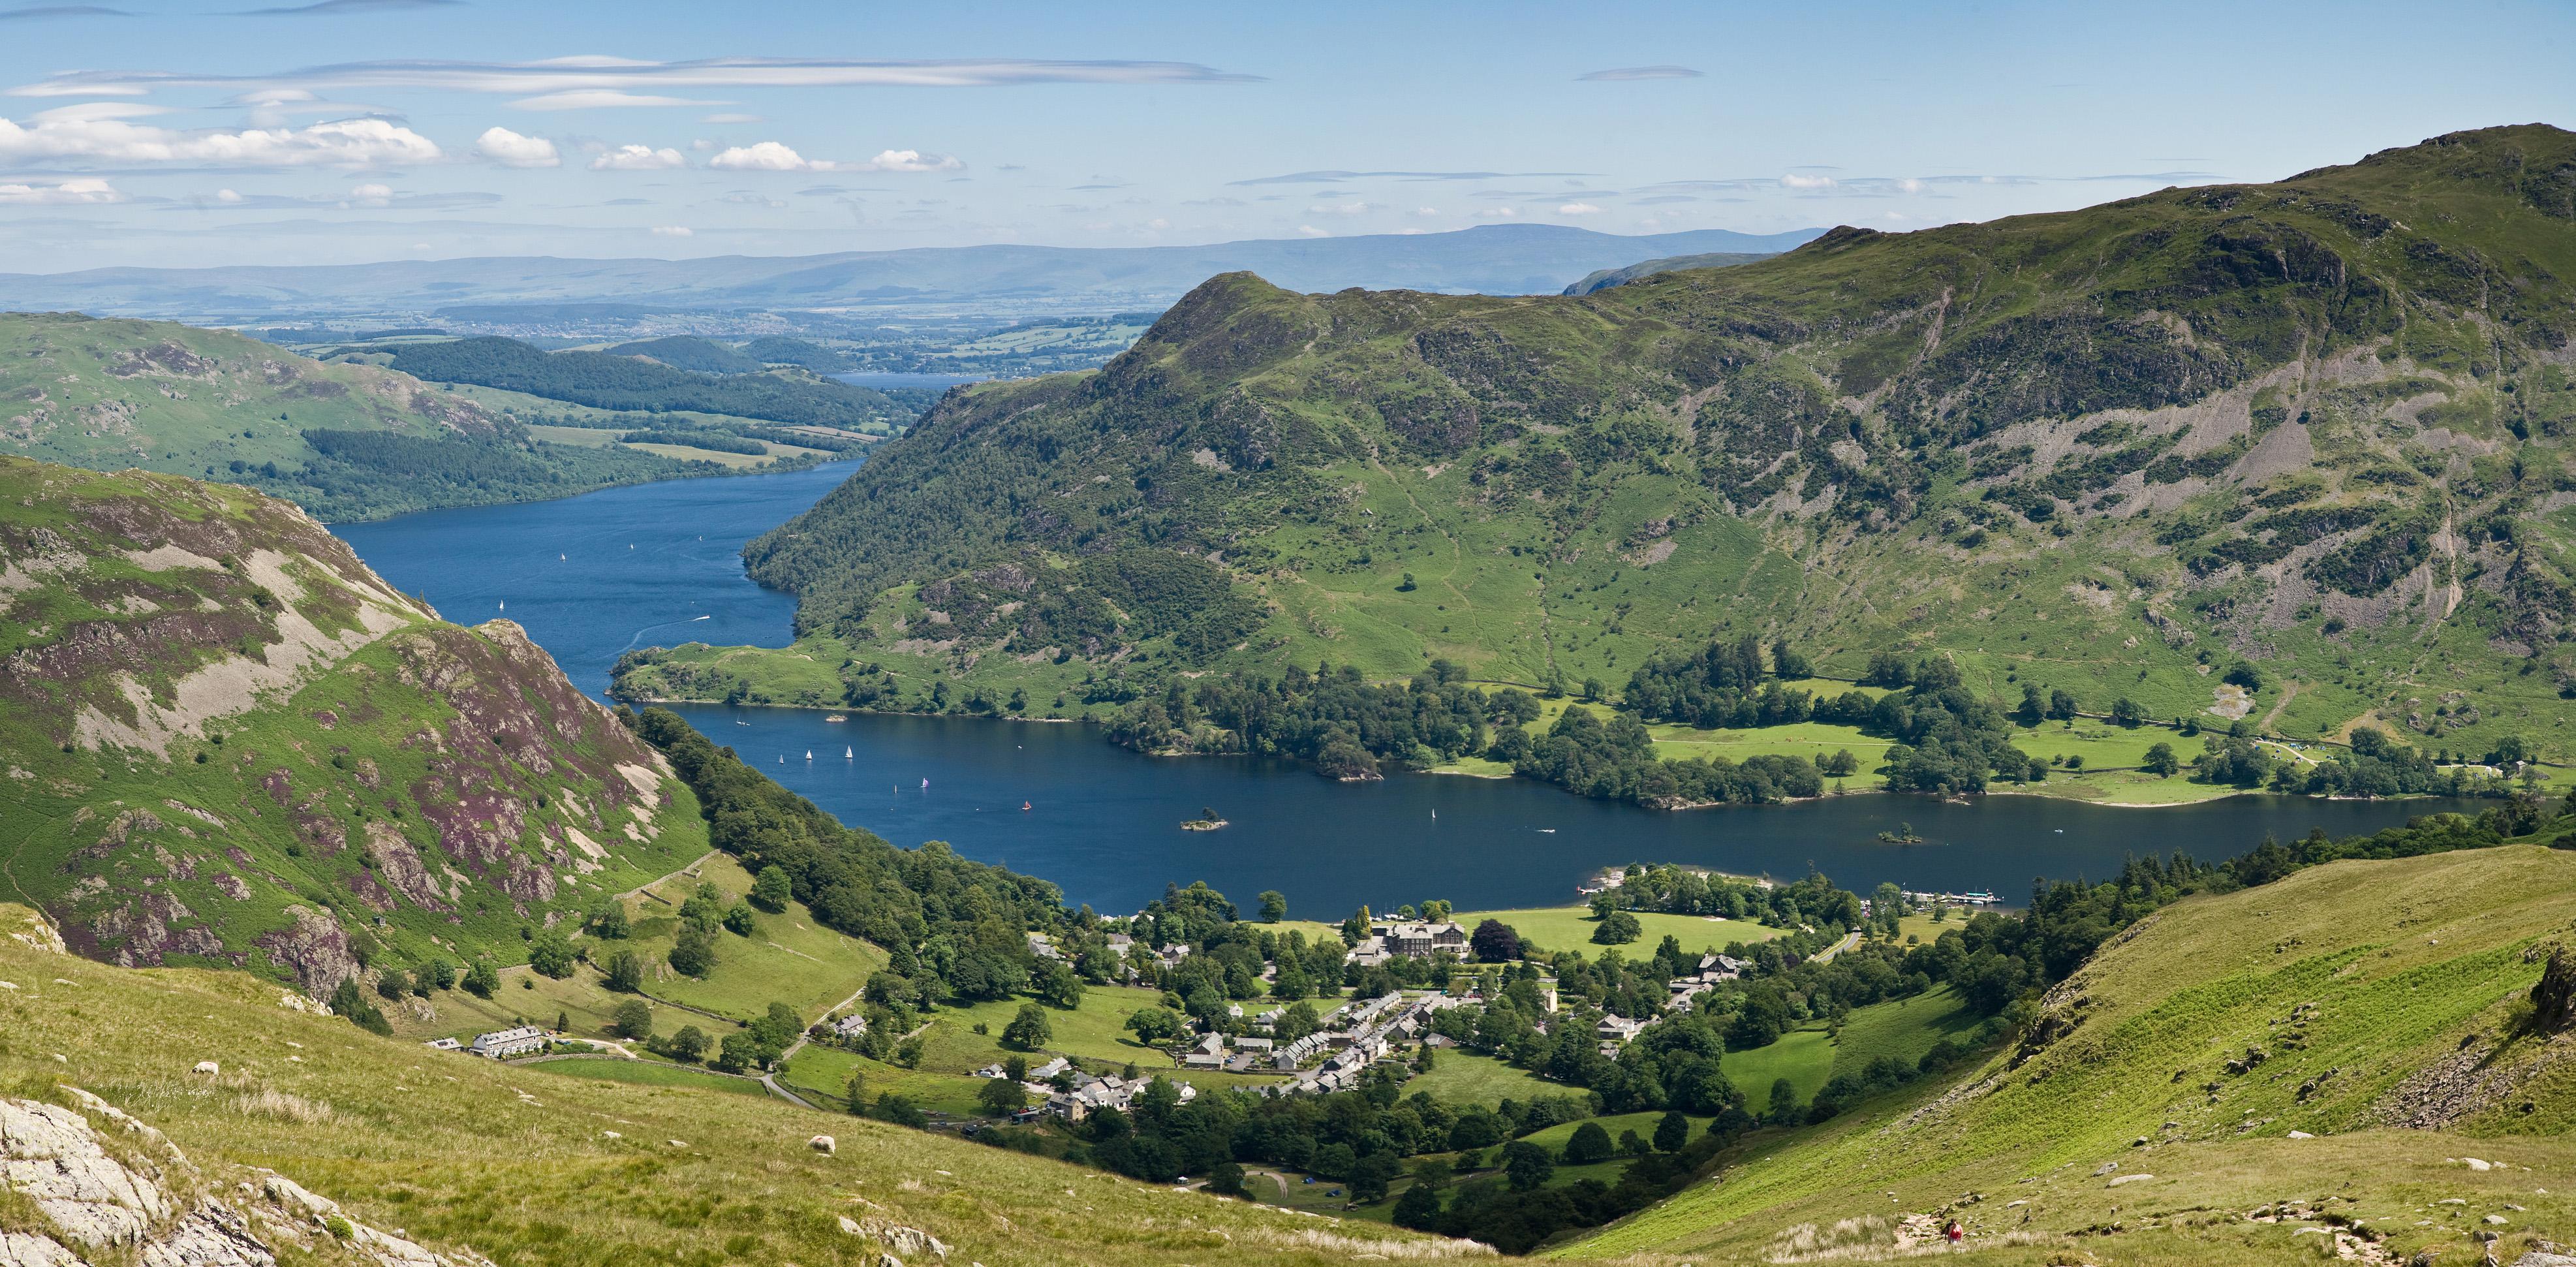 Khám phá nước Anh qua những điểm du lịch nổi tiếng